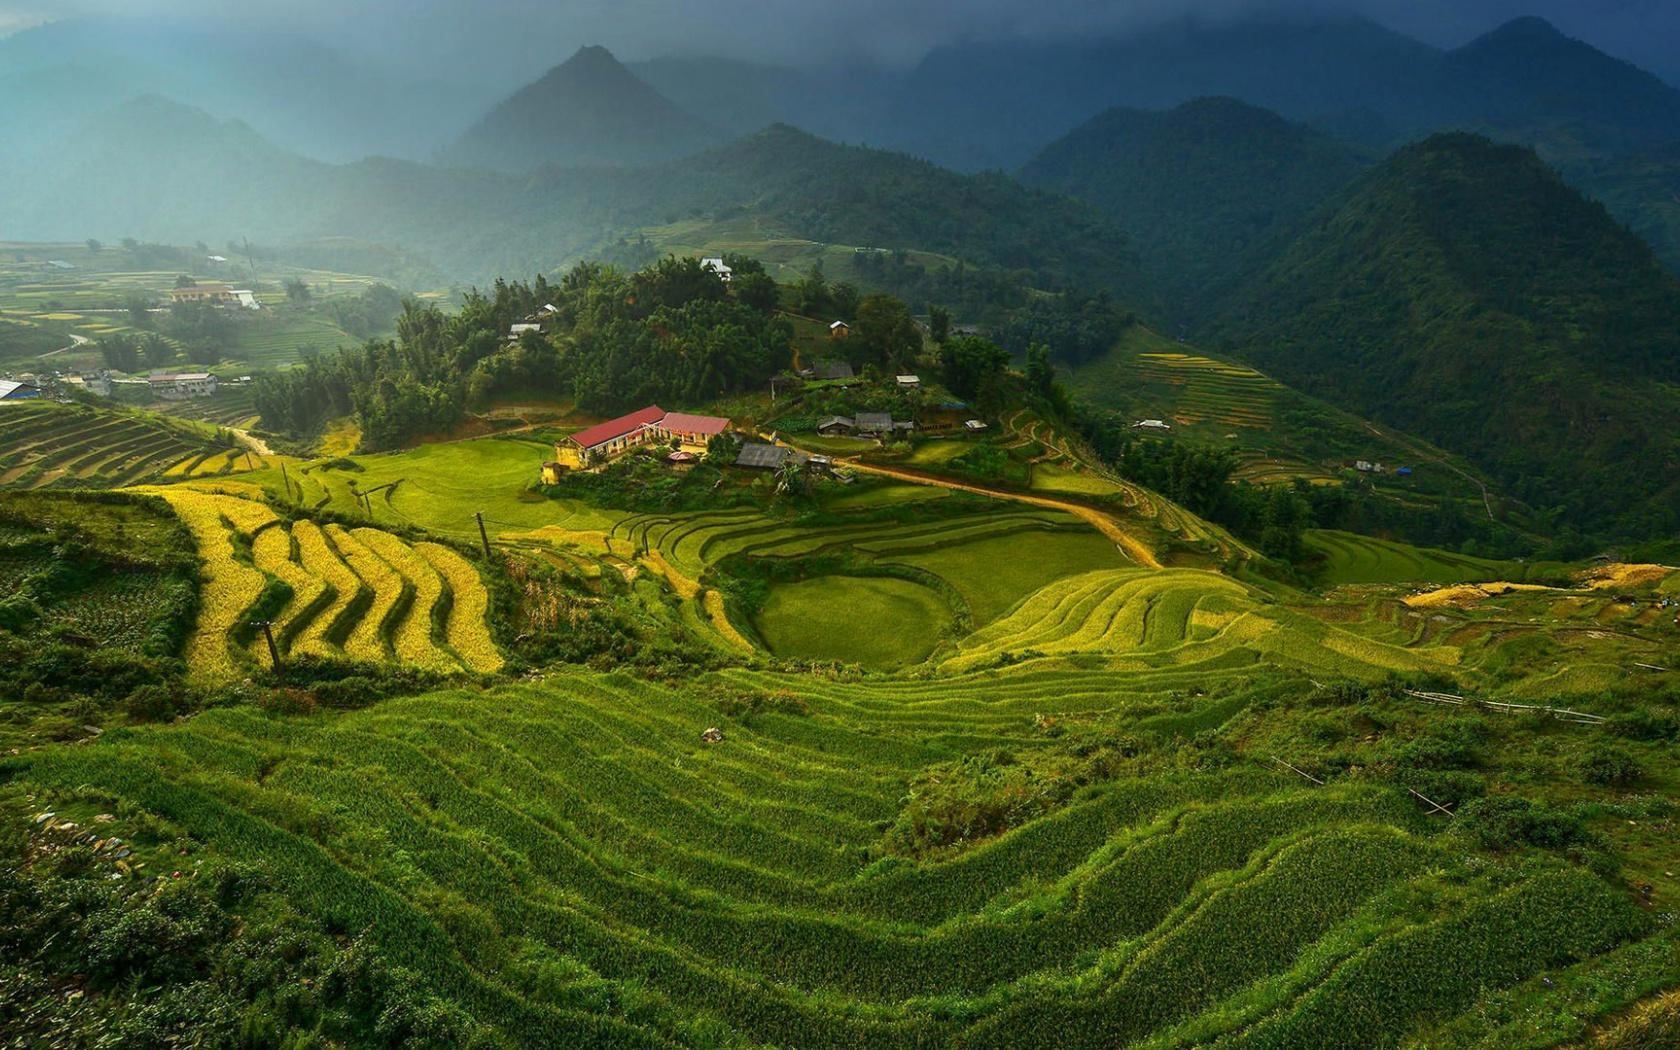 1680x1050 Rice Terraces in Vietnam desktop PC and Mac wallpaper 1680x1050